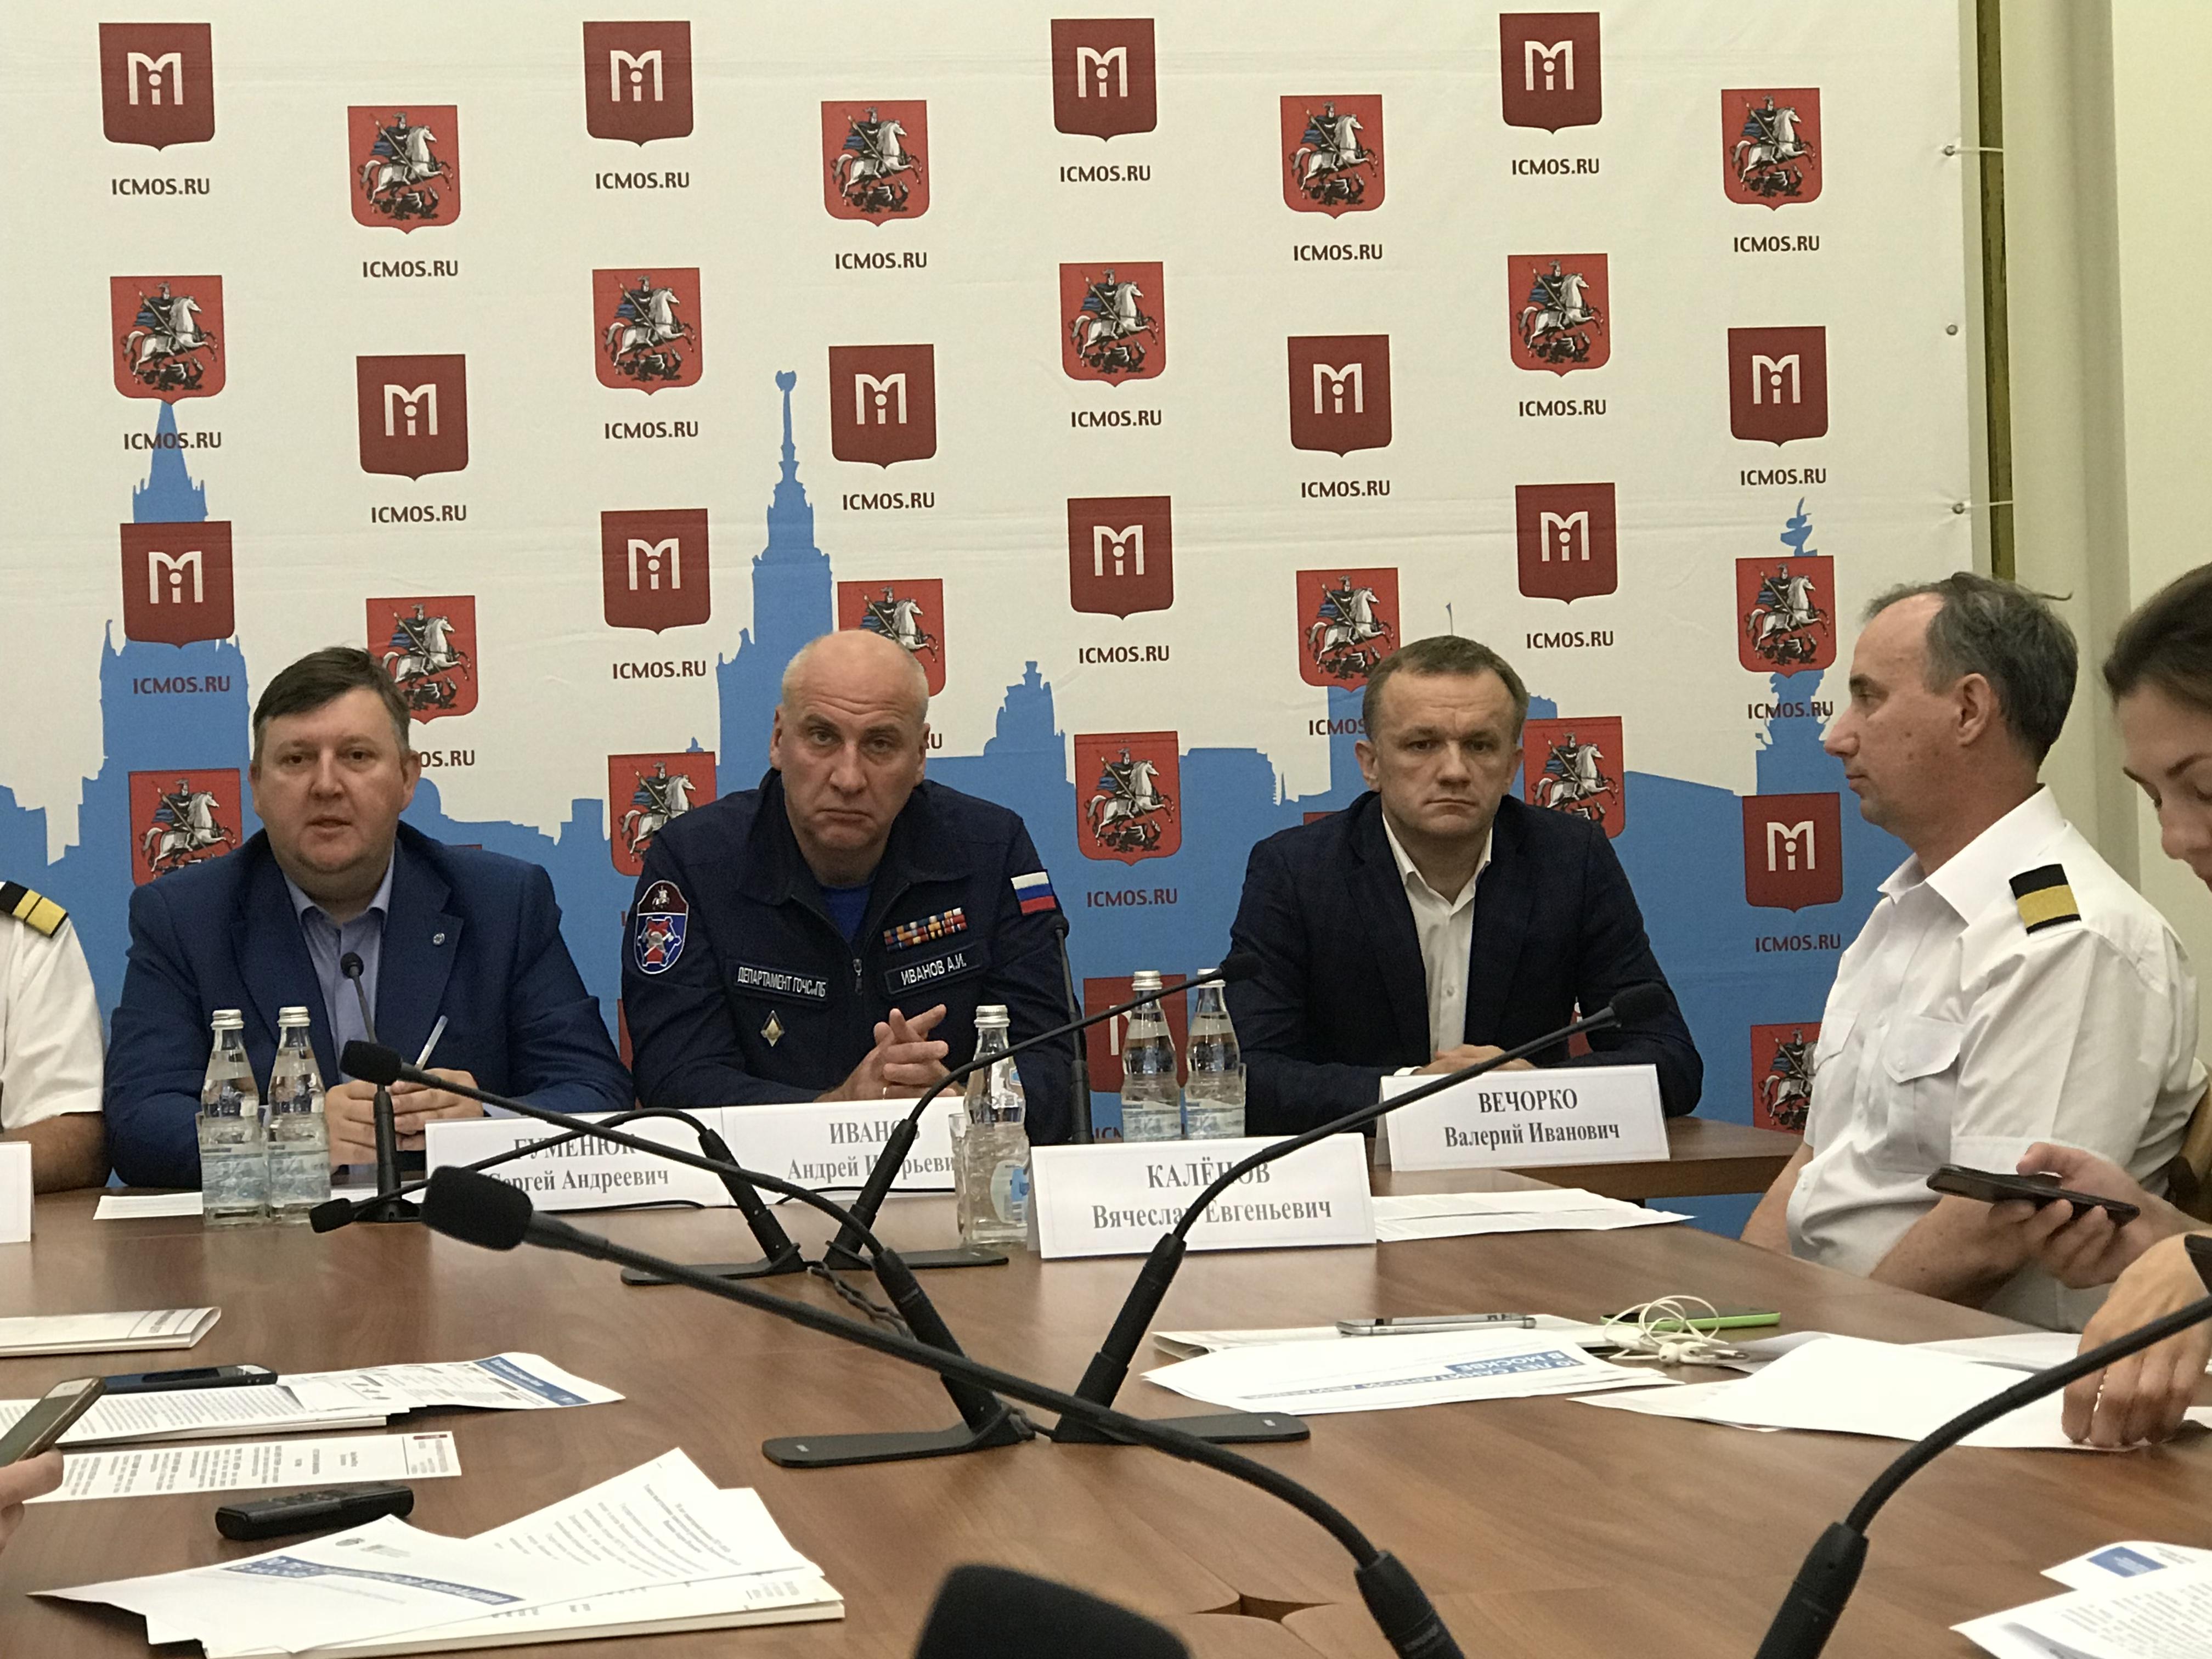 Итоги работы санитарной авиации за десять лет подвели в Москве